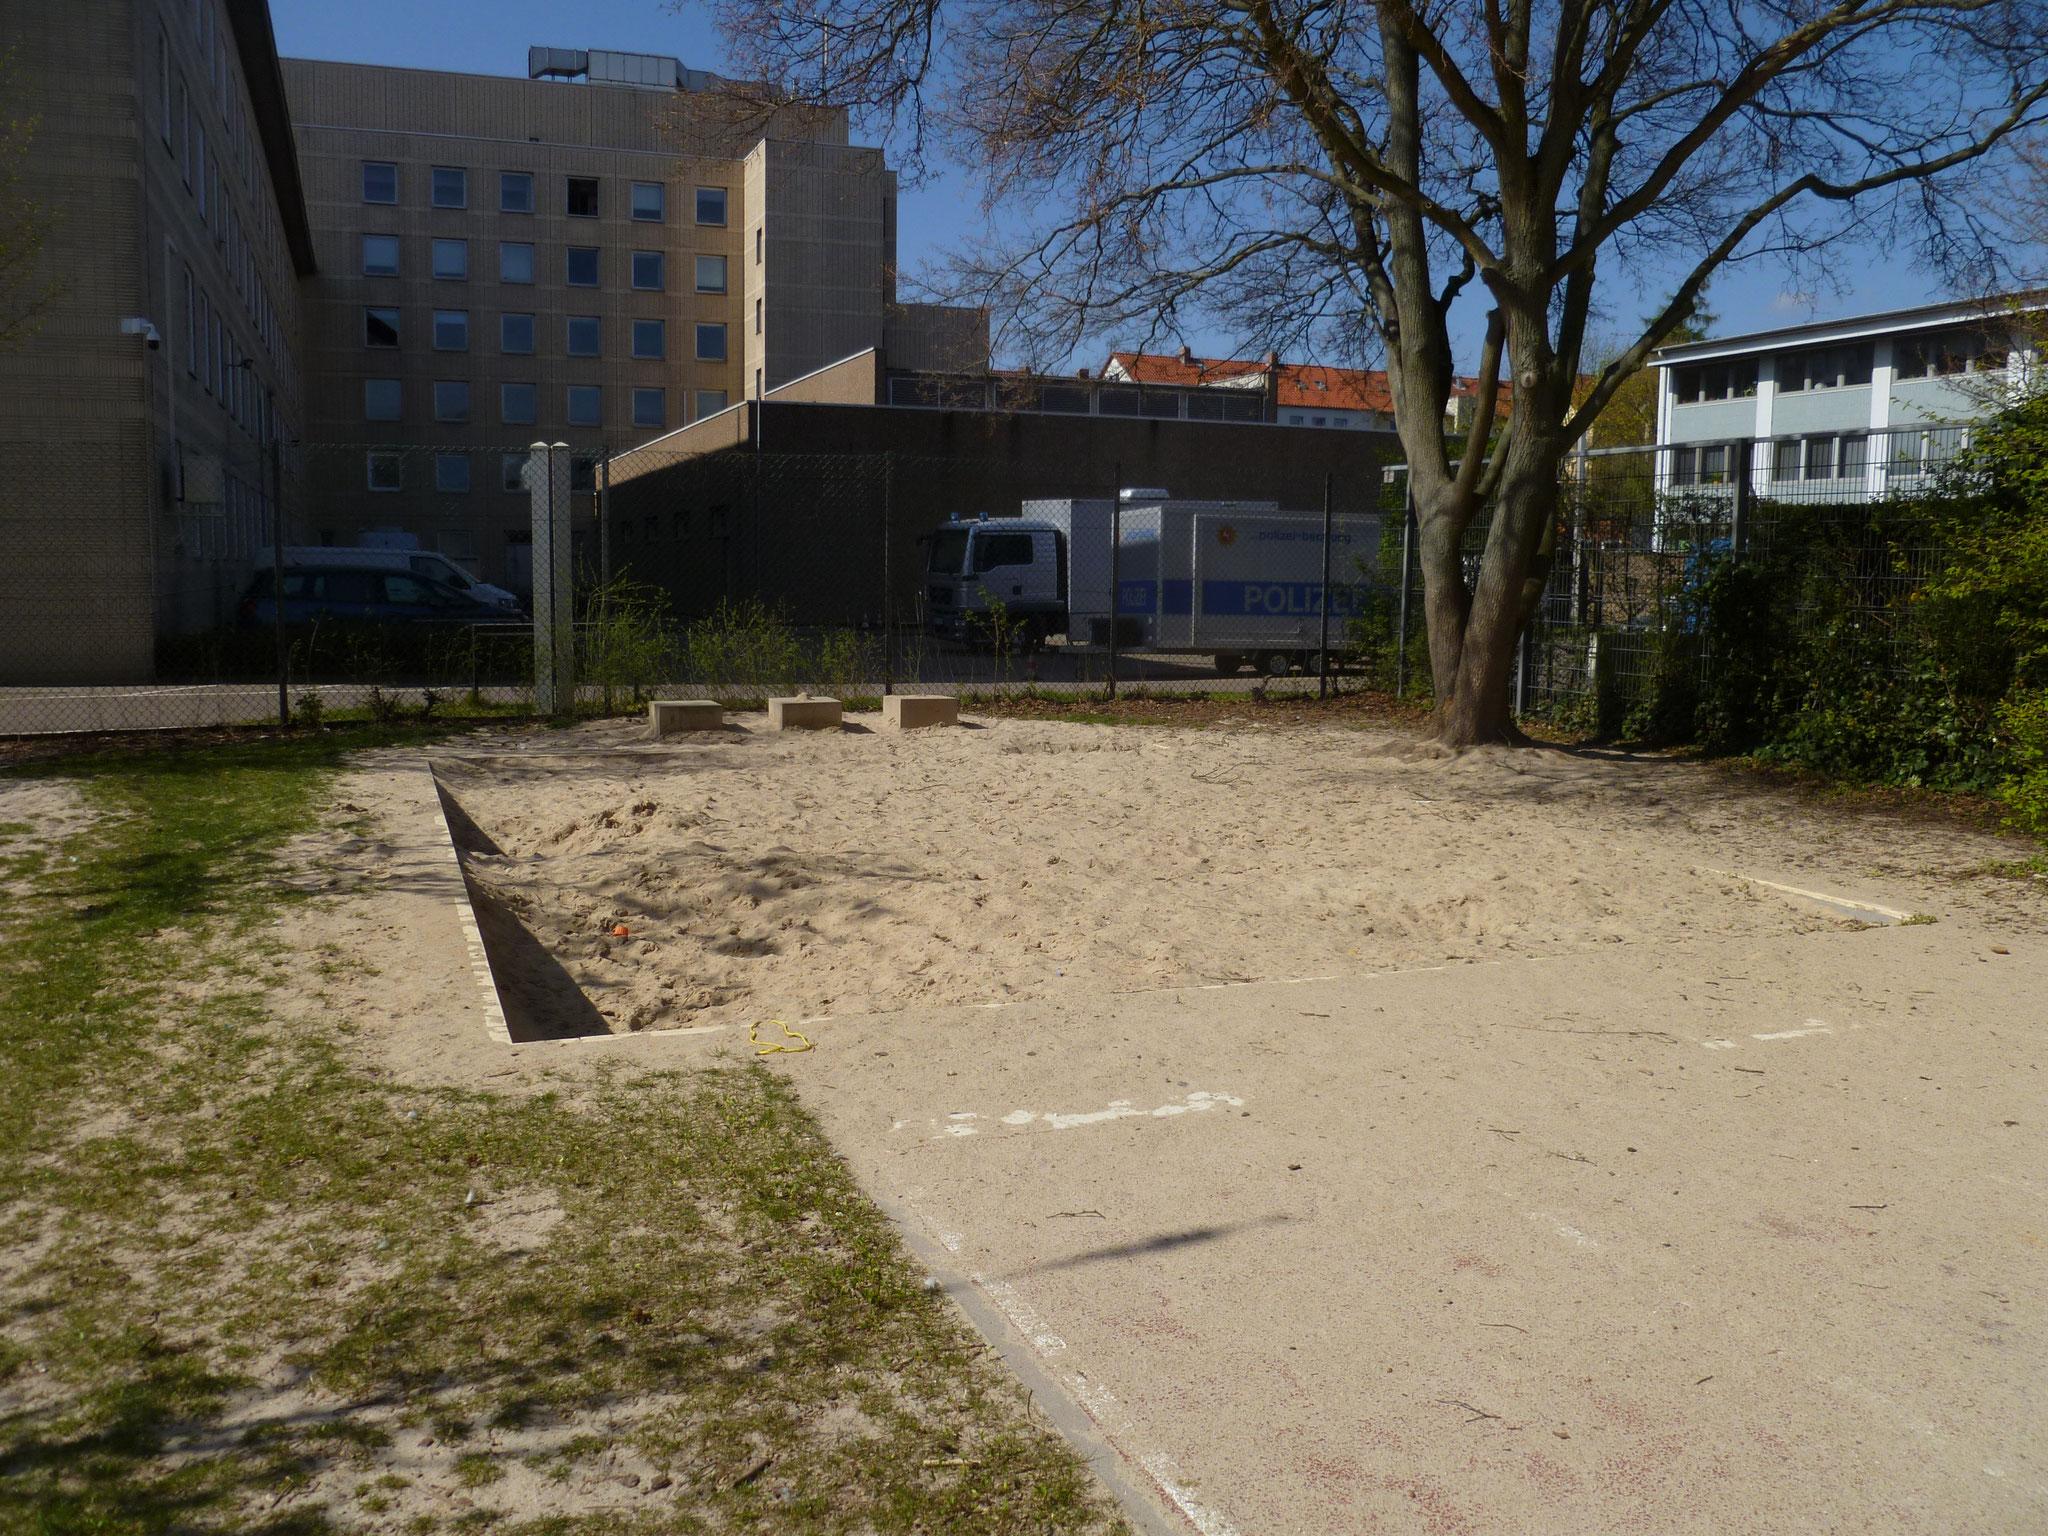 ... und in der Sandkiste spielen.